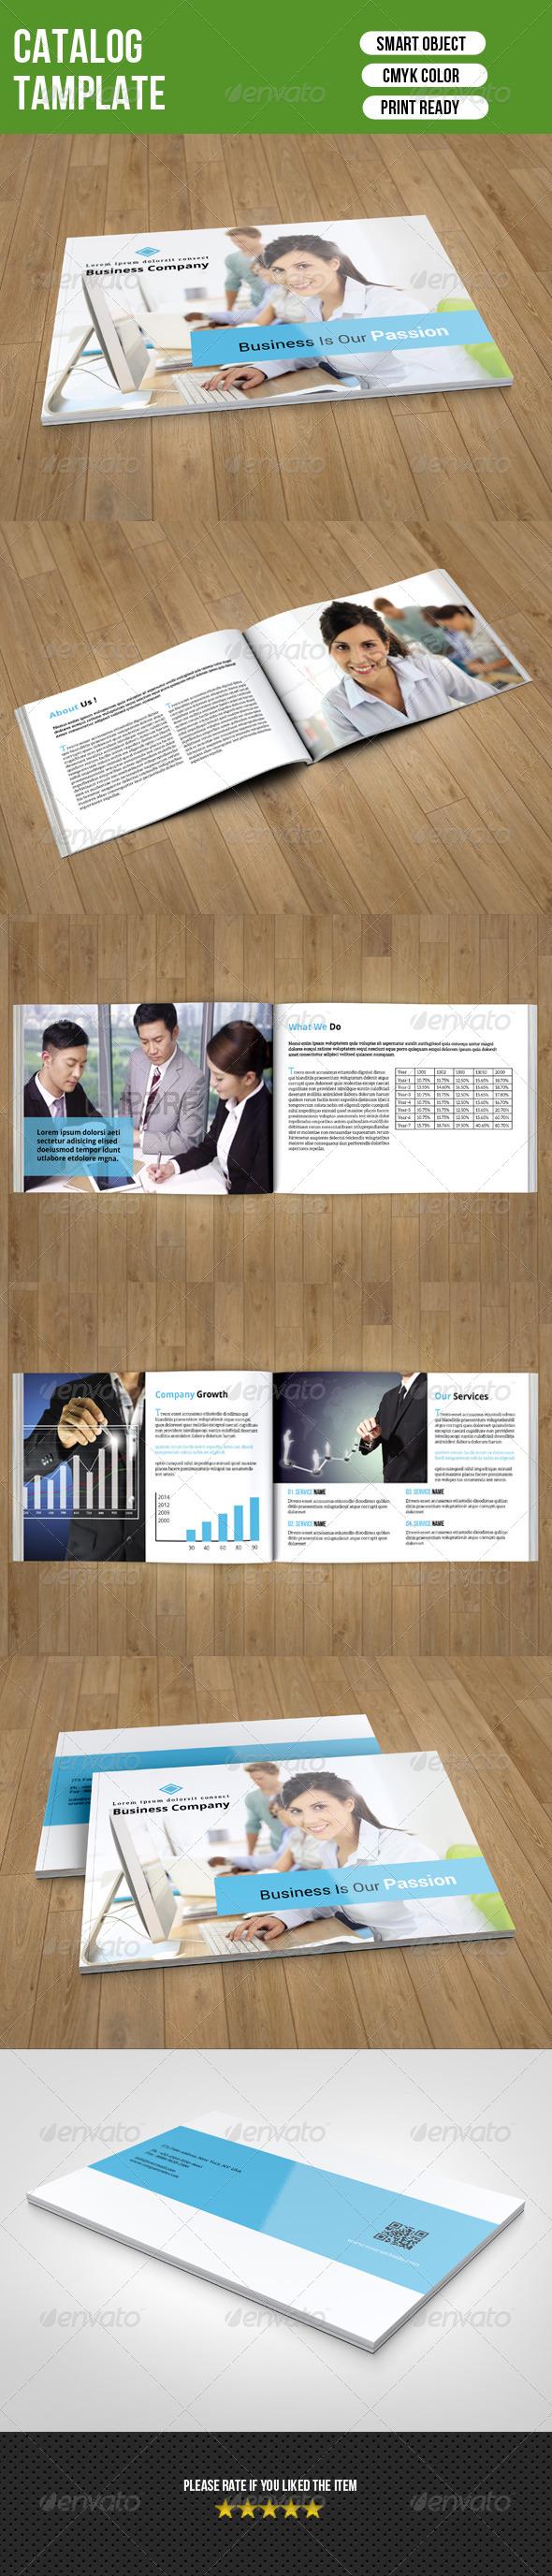 GraphicRiver Business Catalog 7614079